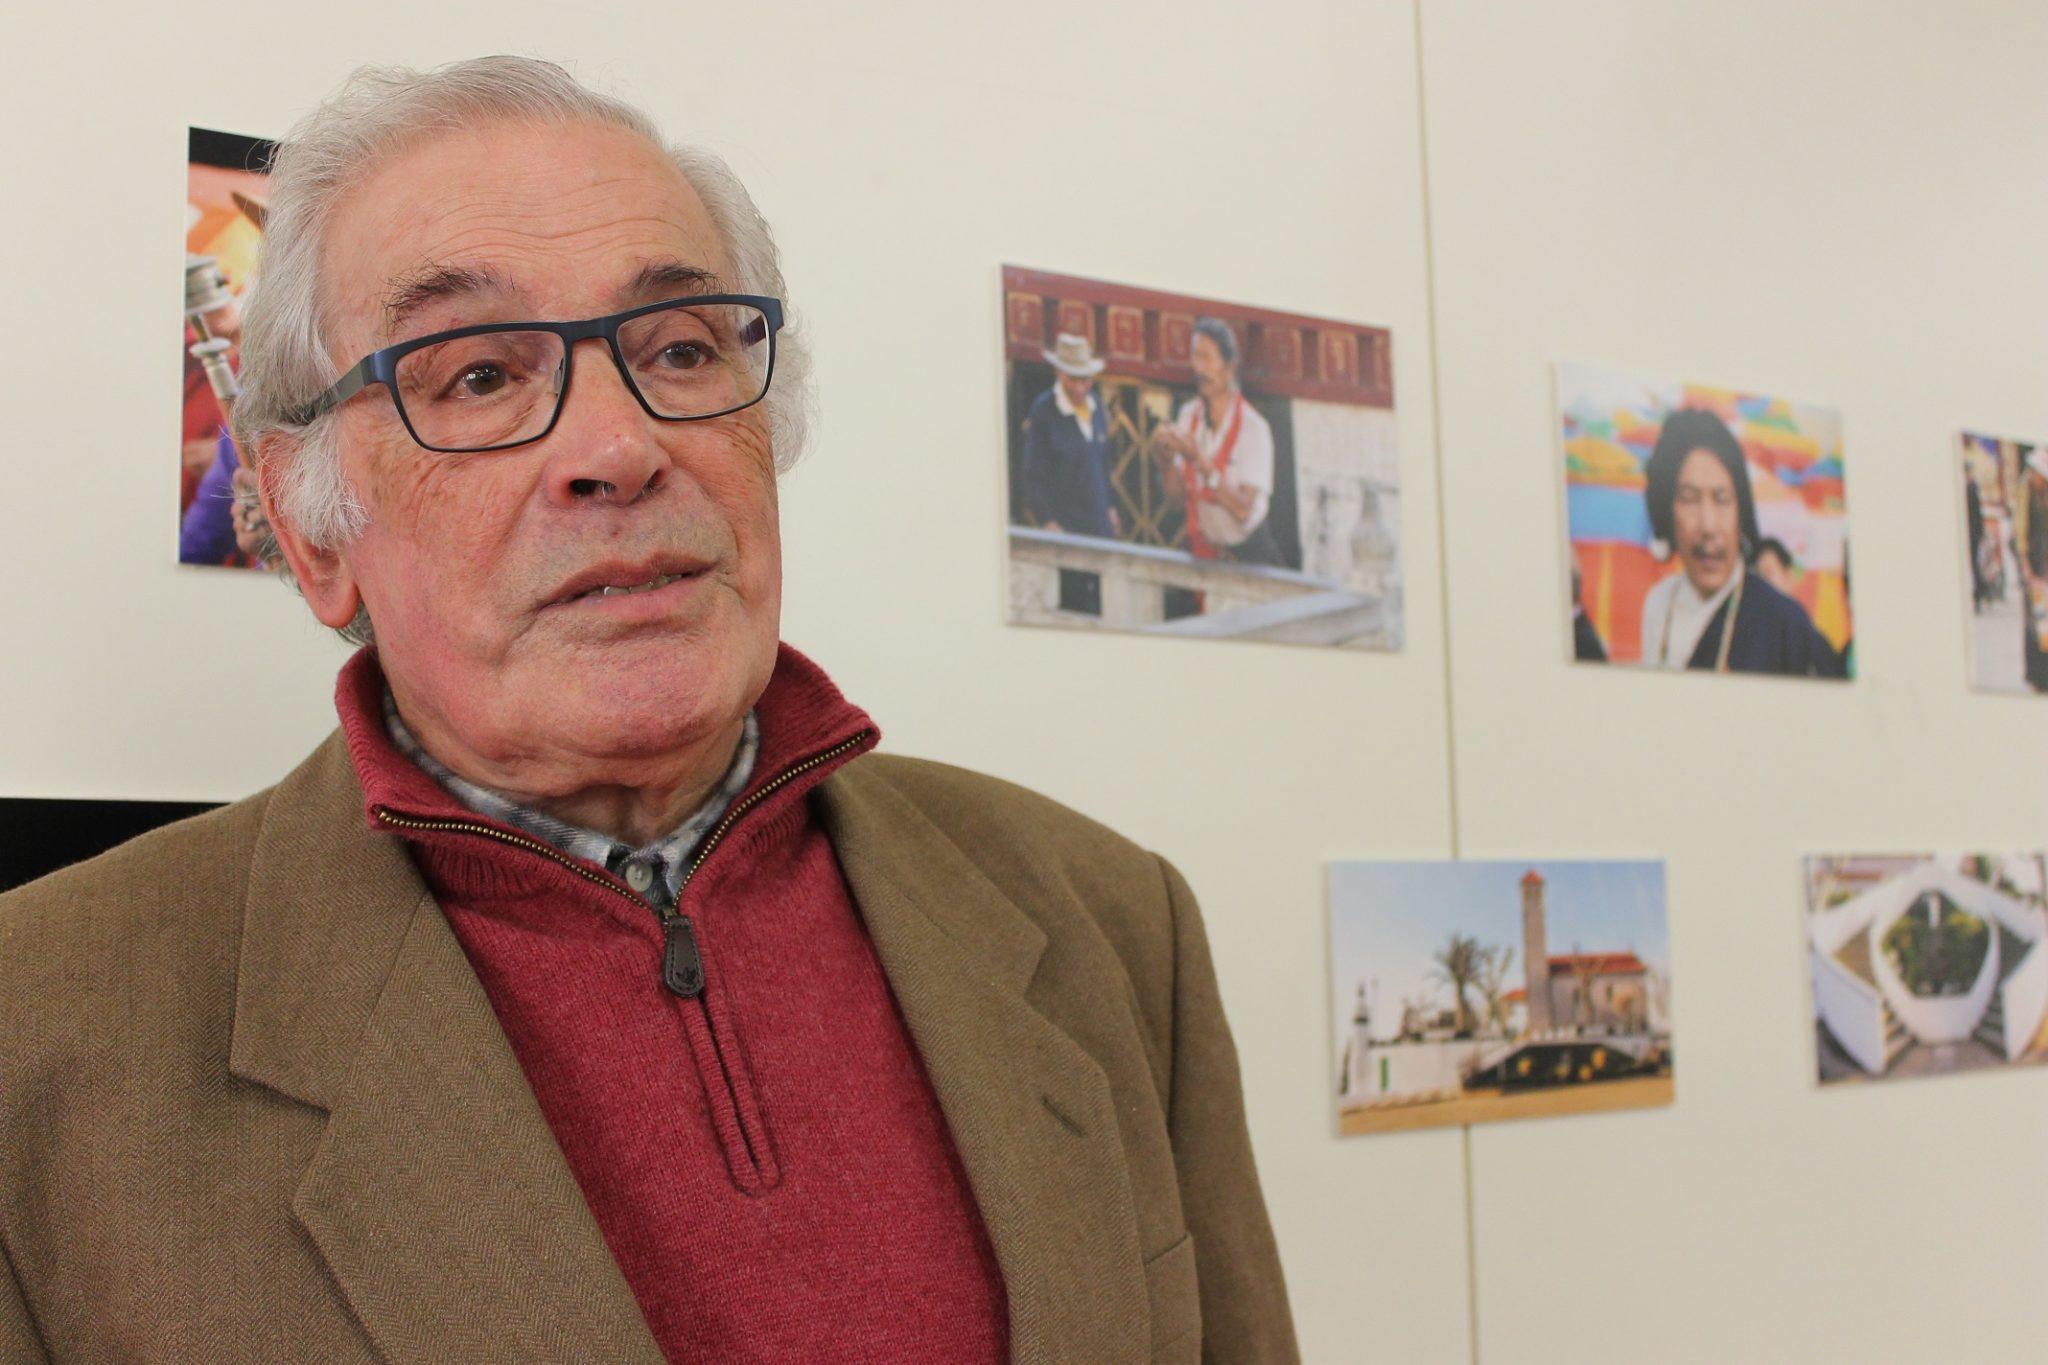 Carlos Faria